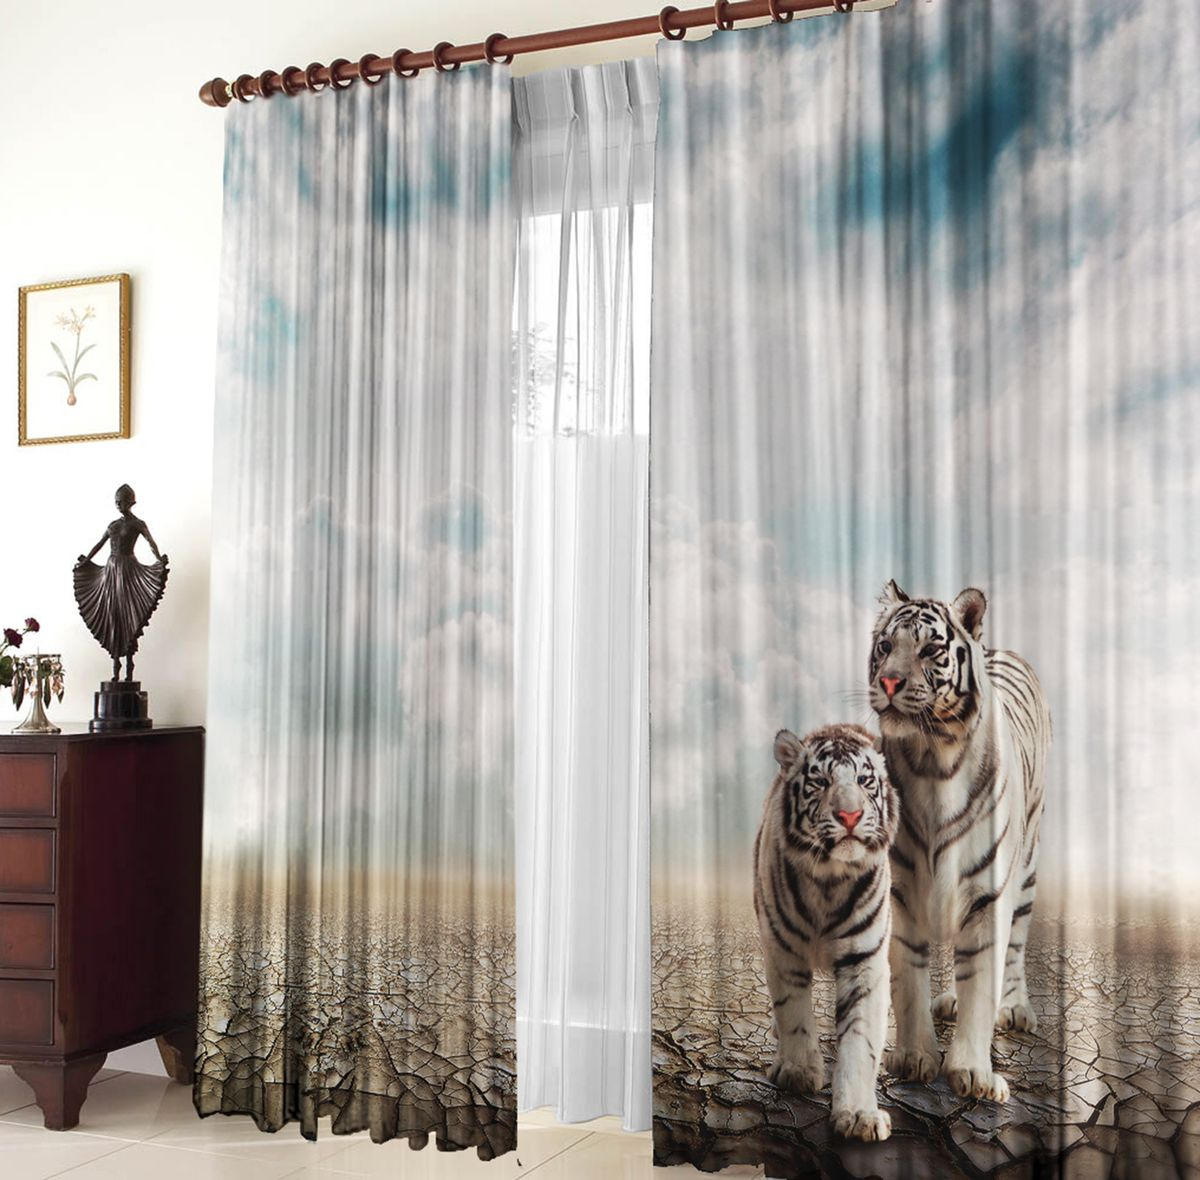 Комплект фотоштор Zlata Korunka Белые тигры, на ленте, высота 270 см21245Комплект фотоштор Zlata Korunka изготовлен из габардиновой ткани высочайшего качества. Фотошторы способны не пропускать самый яркий свет, их можно гладить и стирать. Рекомендации по уходу: бережная стирка при 30°С, деликатный отжим, отбеливание запрещено, гладить при температуре не более 150°С. Светопоглощение 70%. Плотность ткани: 150 г/м2. Оттенок изделия может отличаться от представленного на сайте в силу особенностей цветопередачи фототехники и вашего монитора.